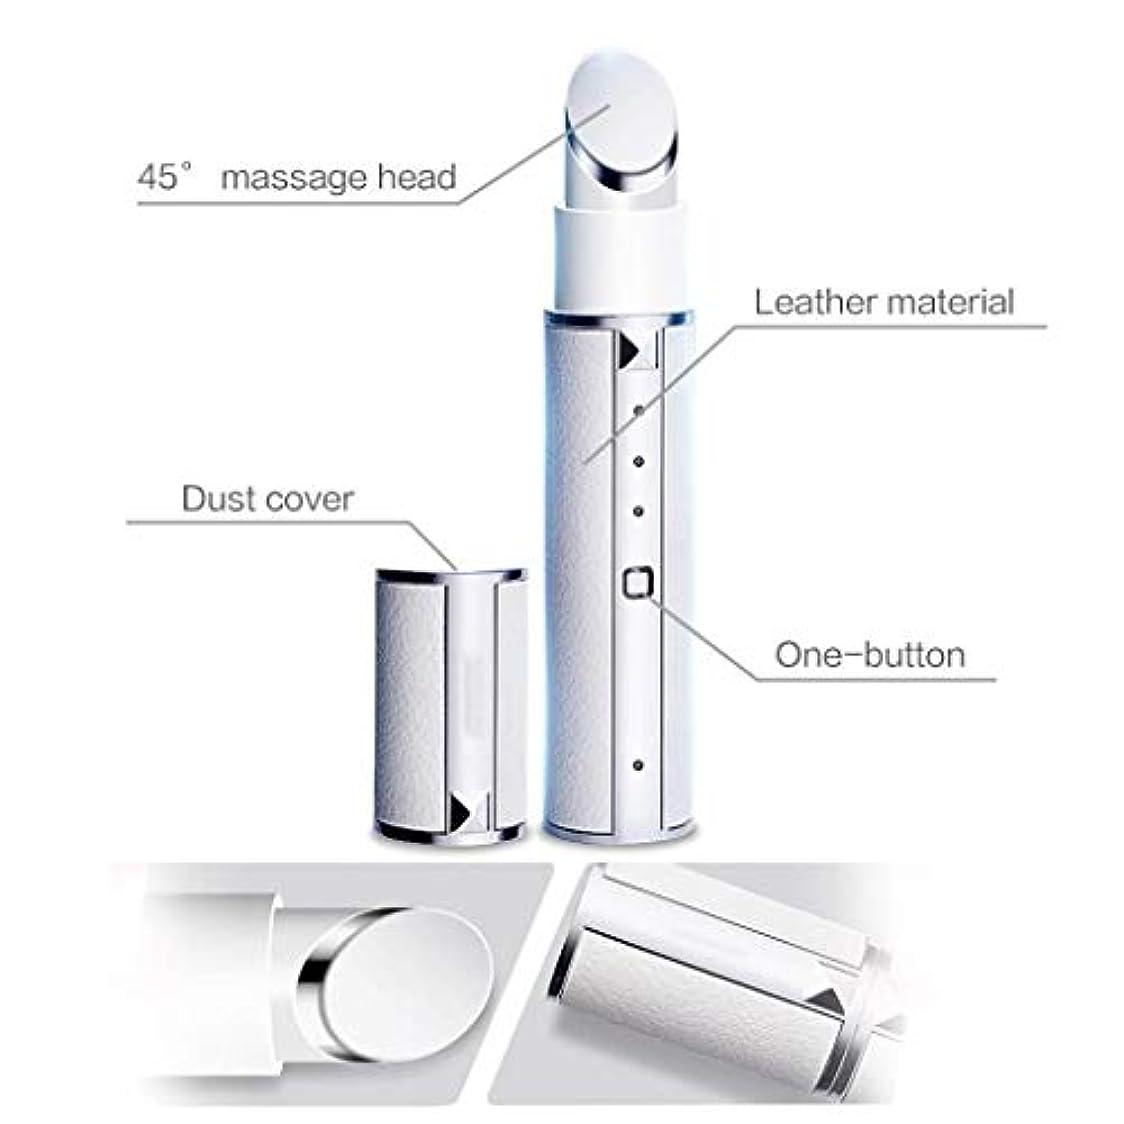 アルプスワードローブベリーマッサージャー、42℃恒温電気アイマッサージケアデバイス、顔の健康と美容ツール、顔に適して、額、首のリフト、しっかりした肌、しわを減らす、持ち運びが簡単